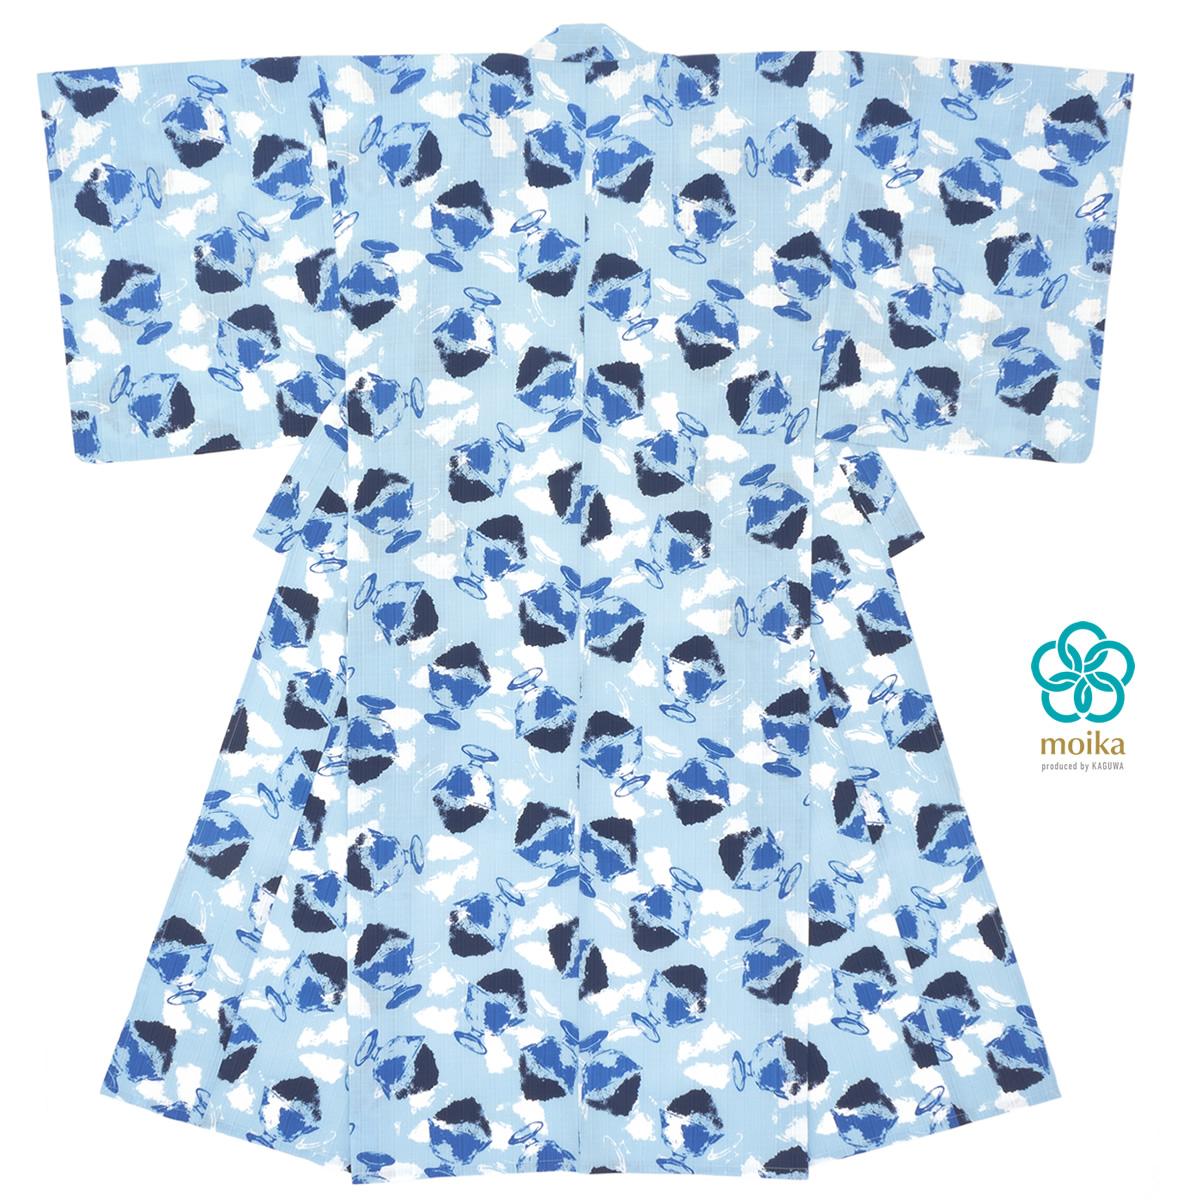 浴衣 メンズ レトロ moika 単品 男性 大人 水色 青 かき氷 綿 変わり織り 夏祭り 花火大会 仕立て上がり【あす楽対応】【Mサイズ】【Lサイズ】【送料無料】